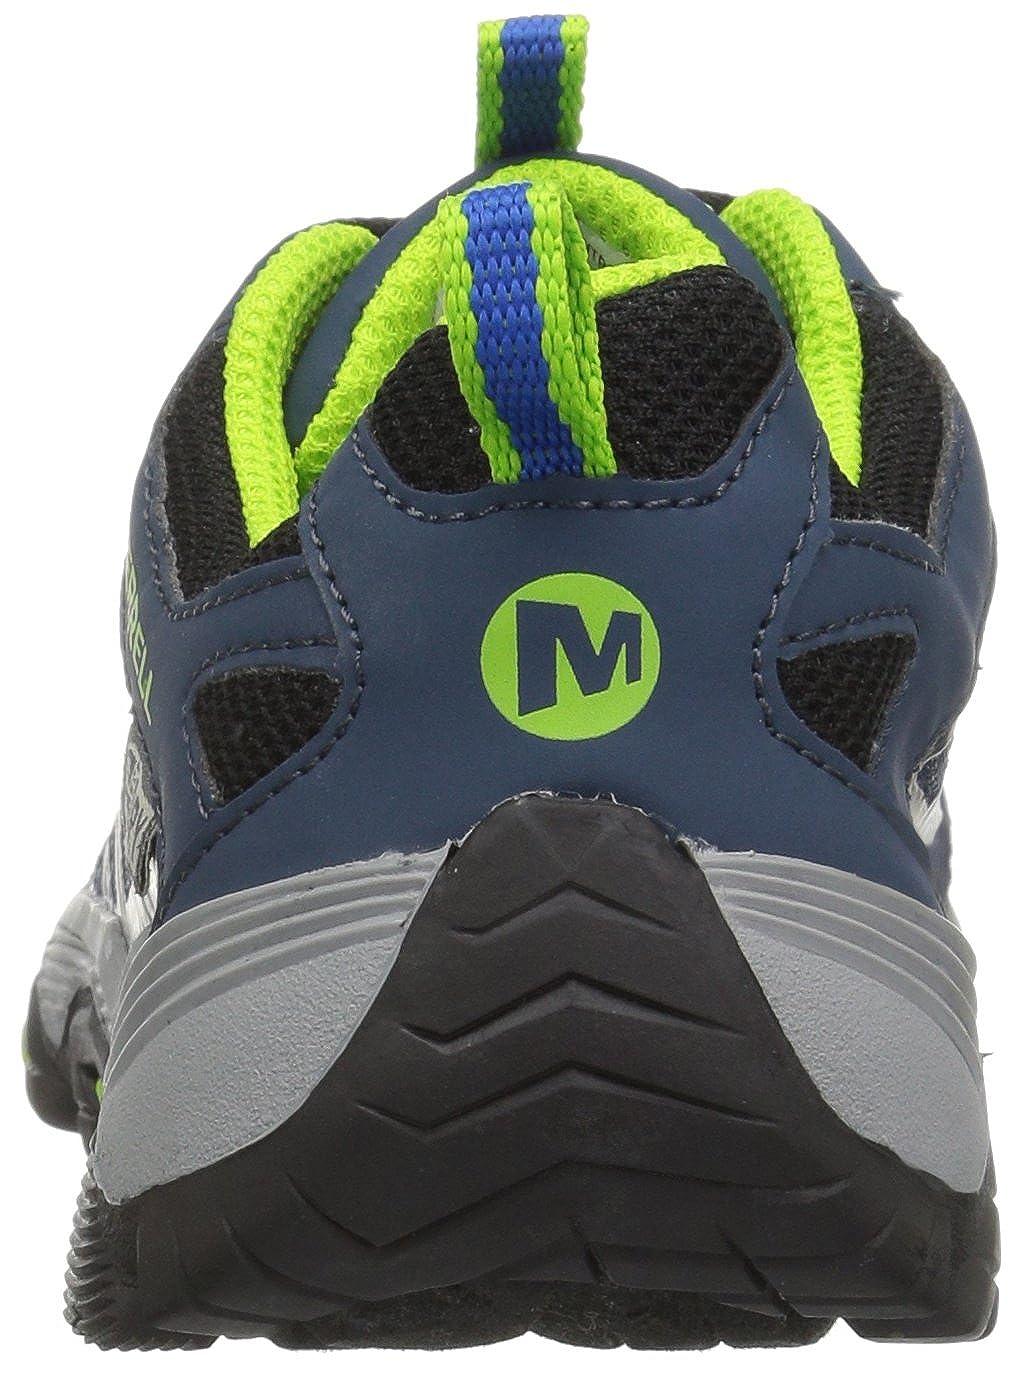 Merrell Moab Fst Low Waterproof Sneaker Little Kid//Big Kid